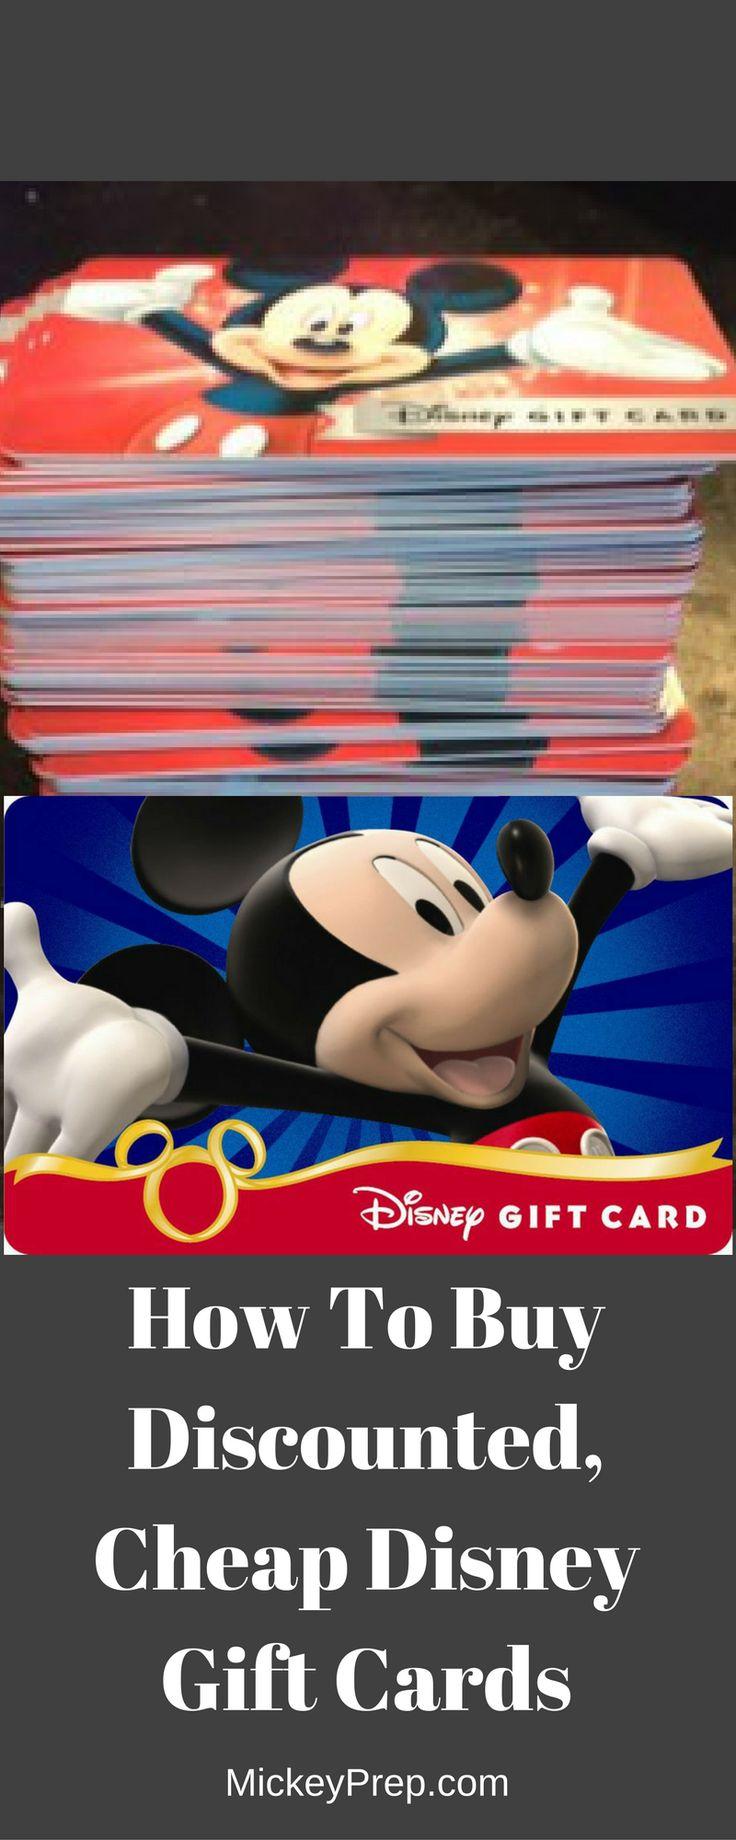 En iyi 17 fikir, Disney Gift Card Pinterest'te | Disney ipuçları